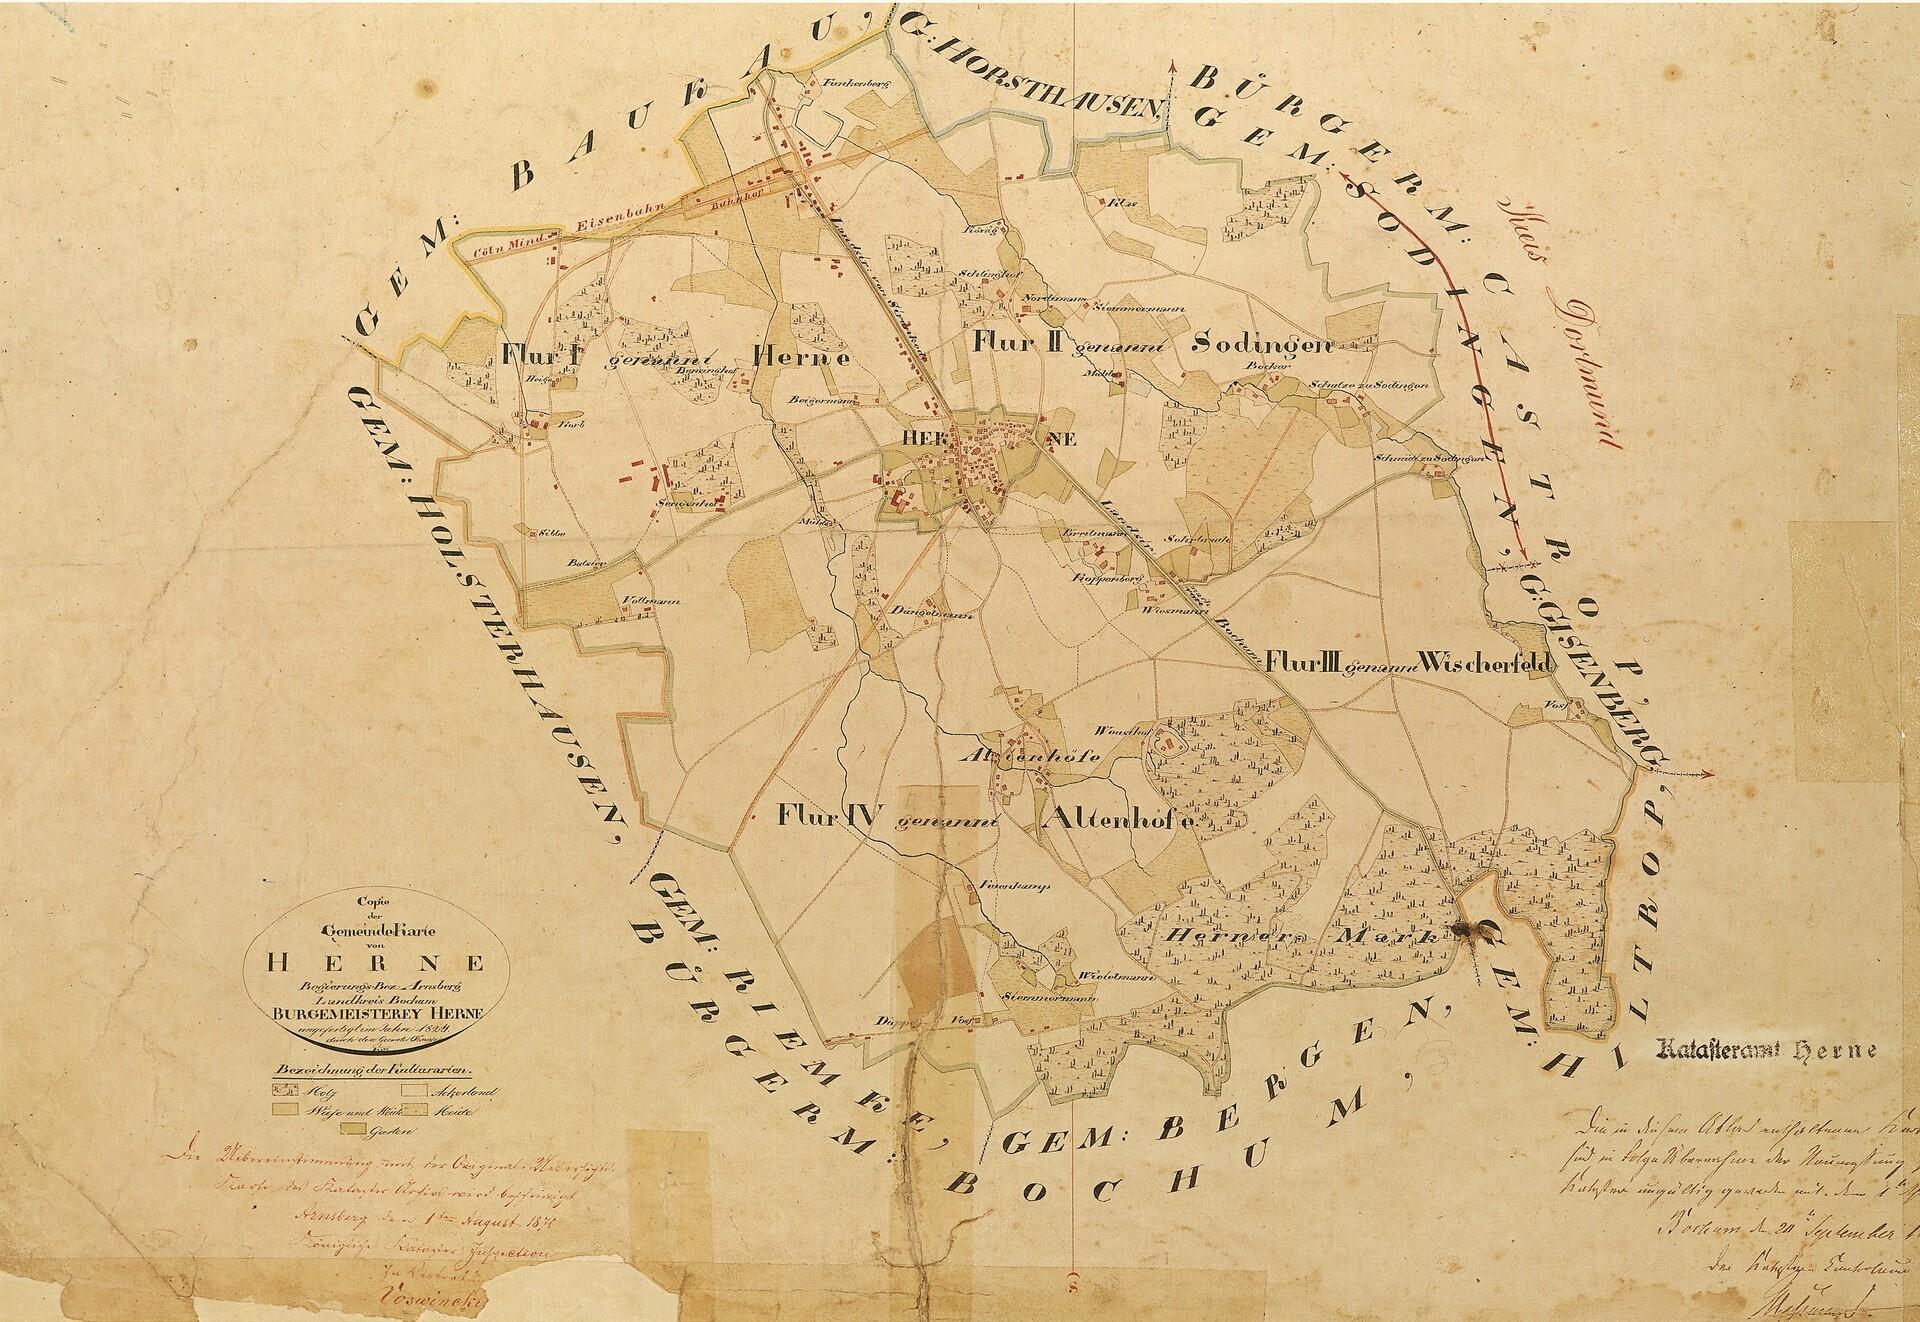 Gemeindekarte von Herne_1824.jpg